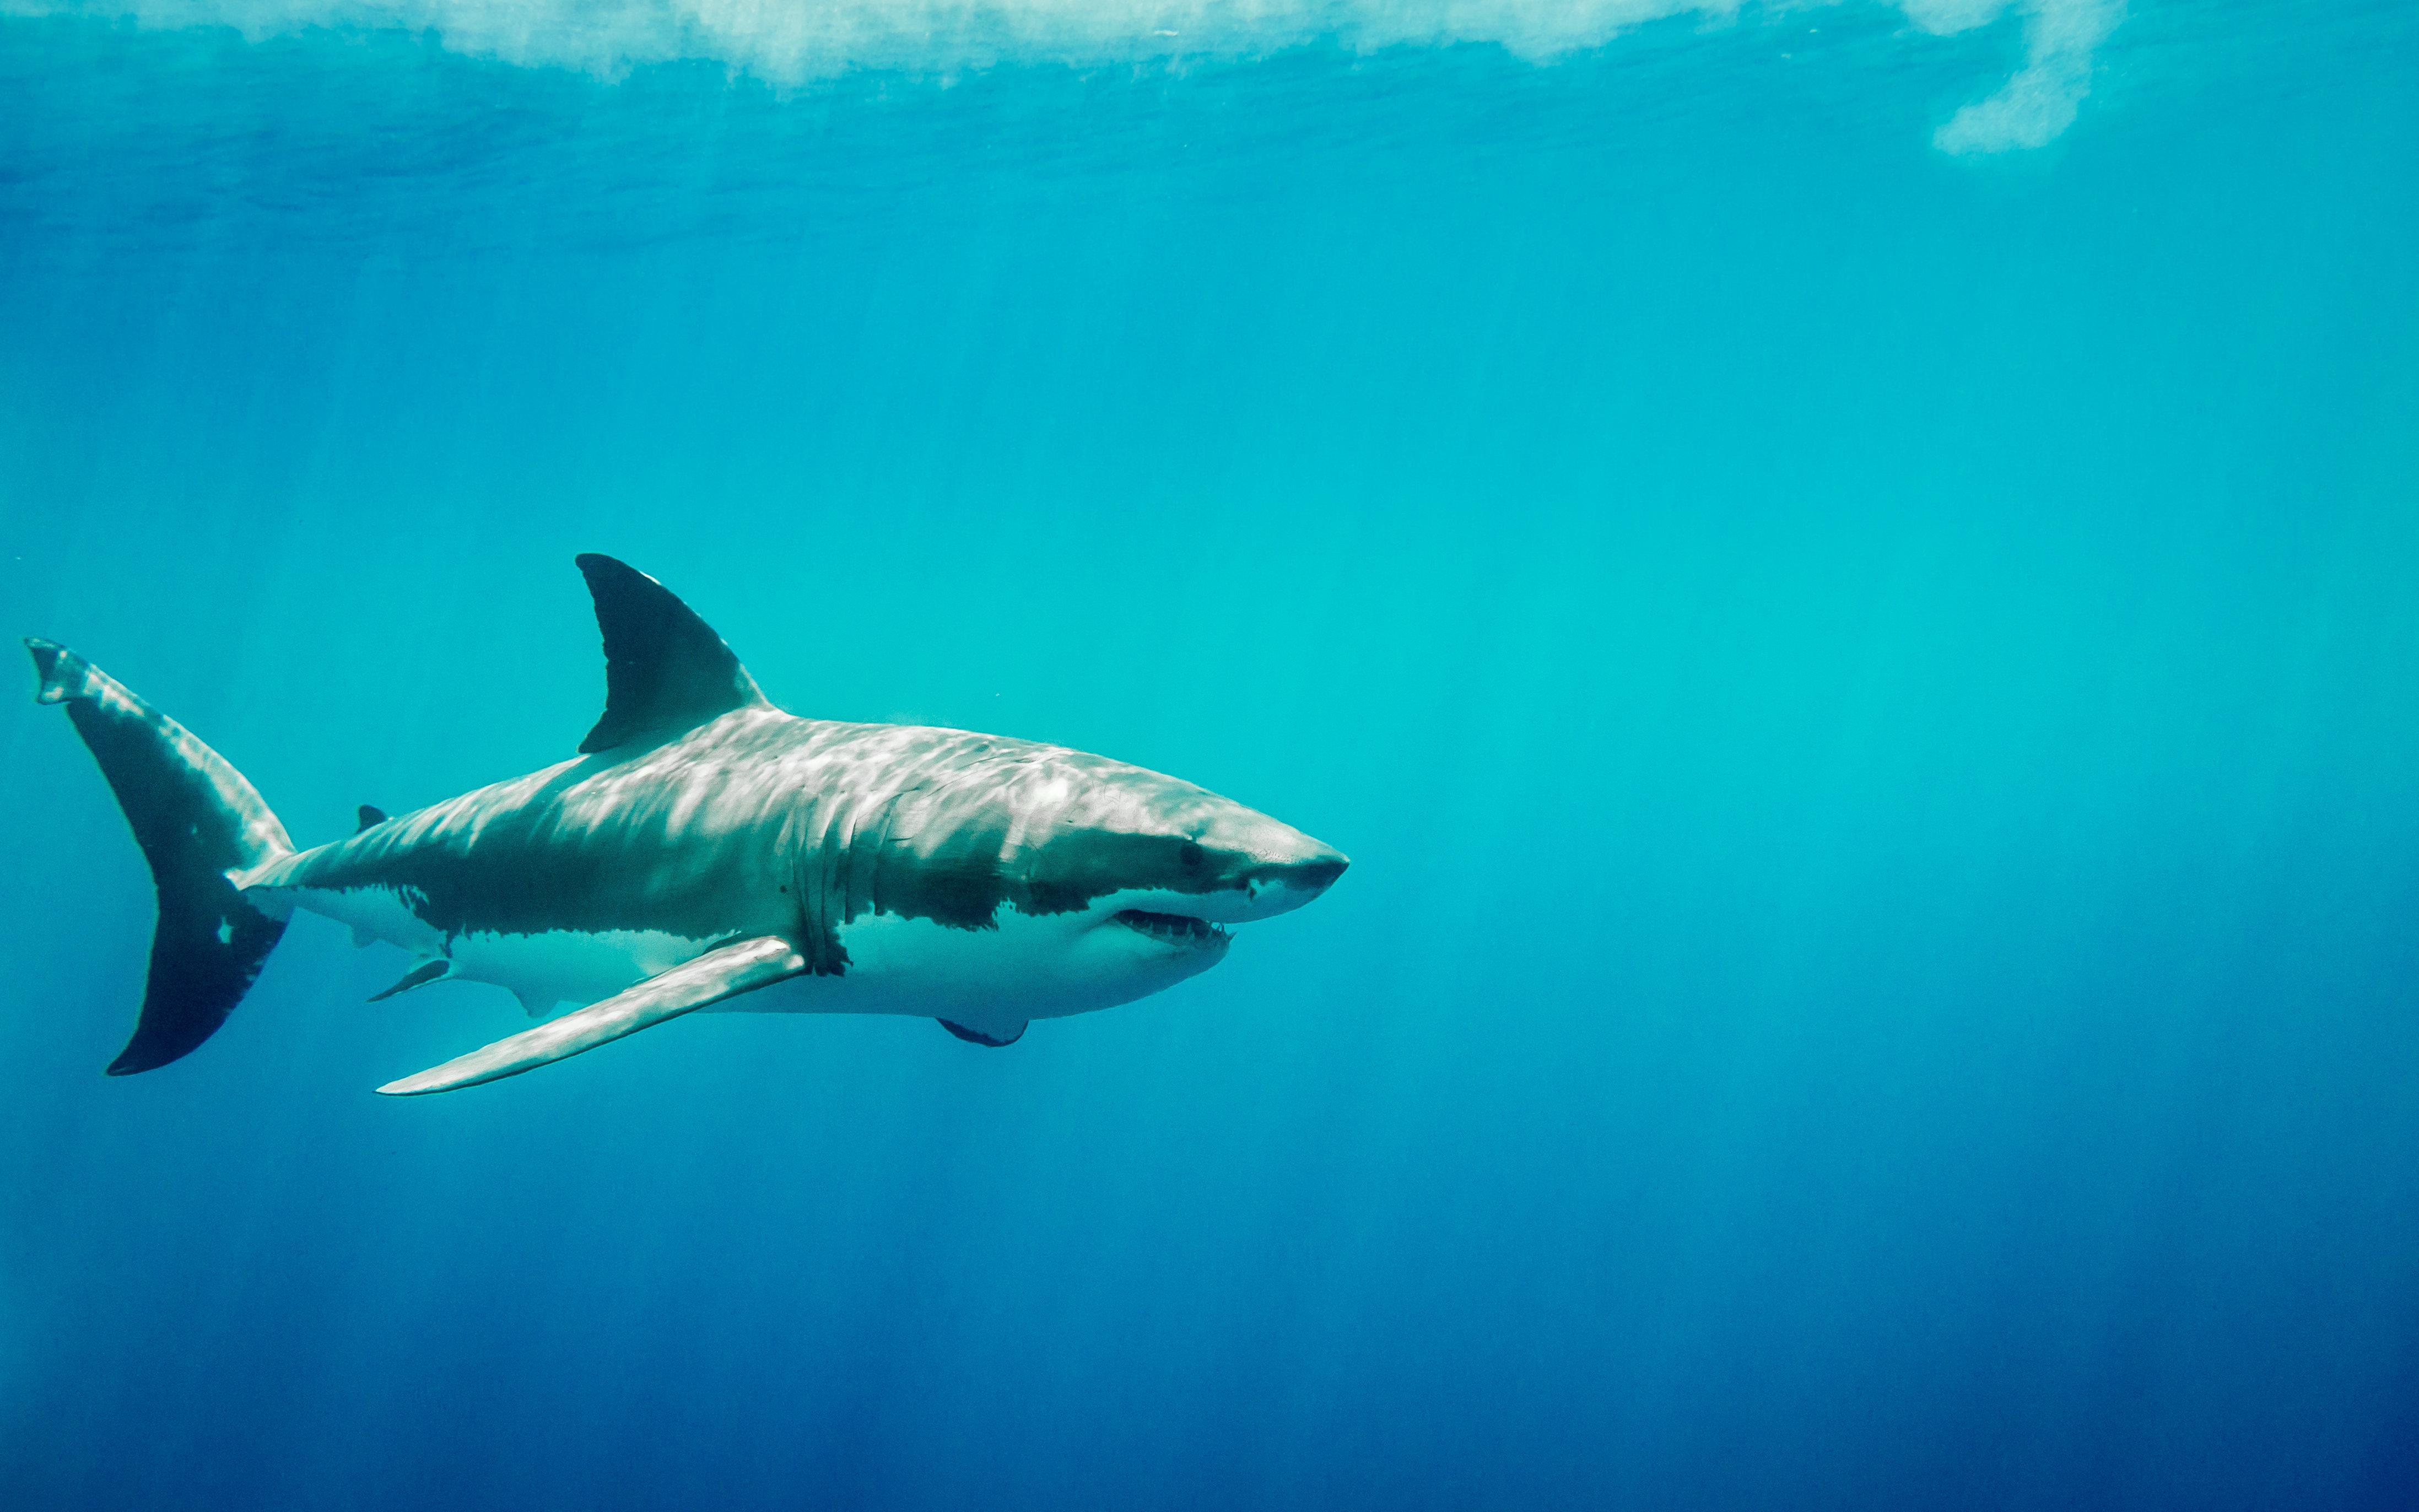 Η μυστική ζωή του λευκού καρχαρία: Γιατί κάθε χρόνο μεταναστεύουν σε ένα άγνωστο μέρος στη μέση του